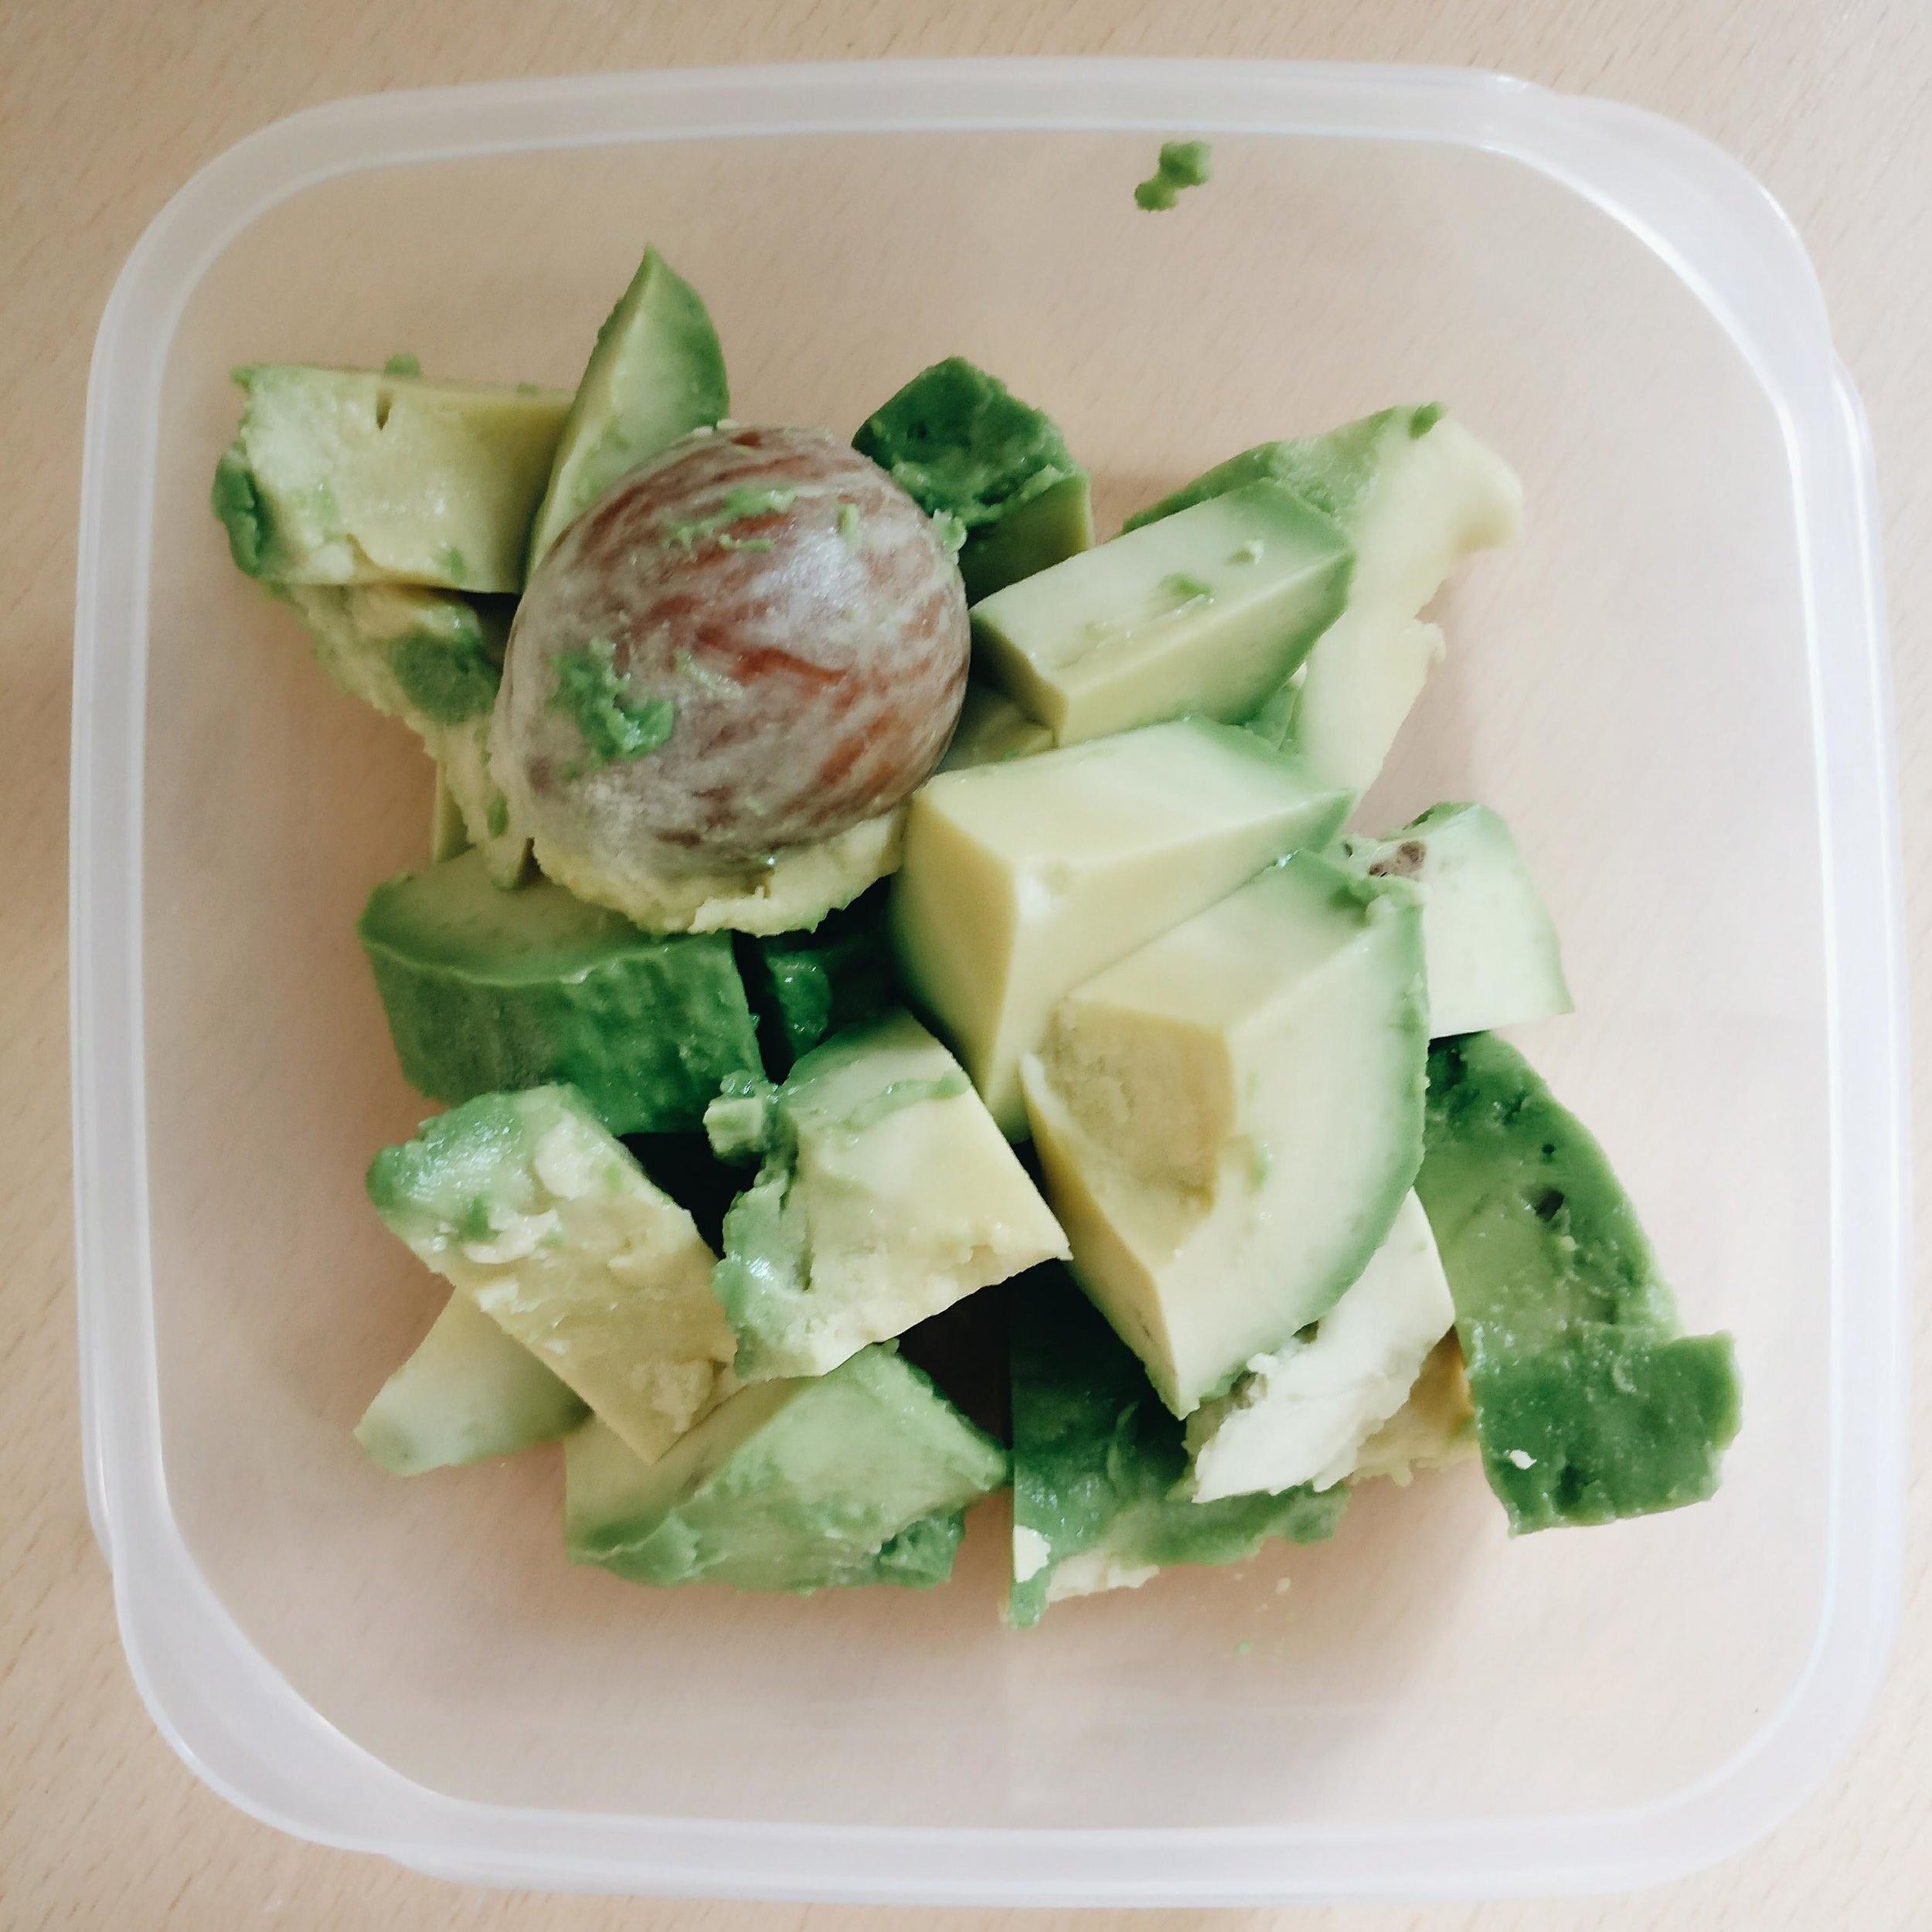 How to preserve pieces of avocado?